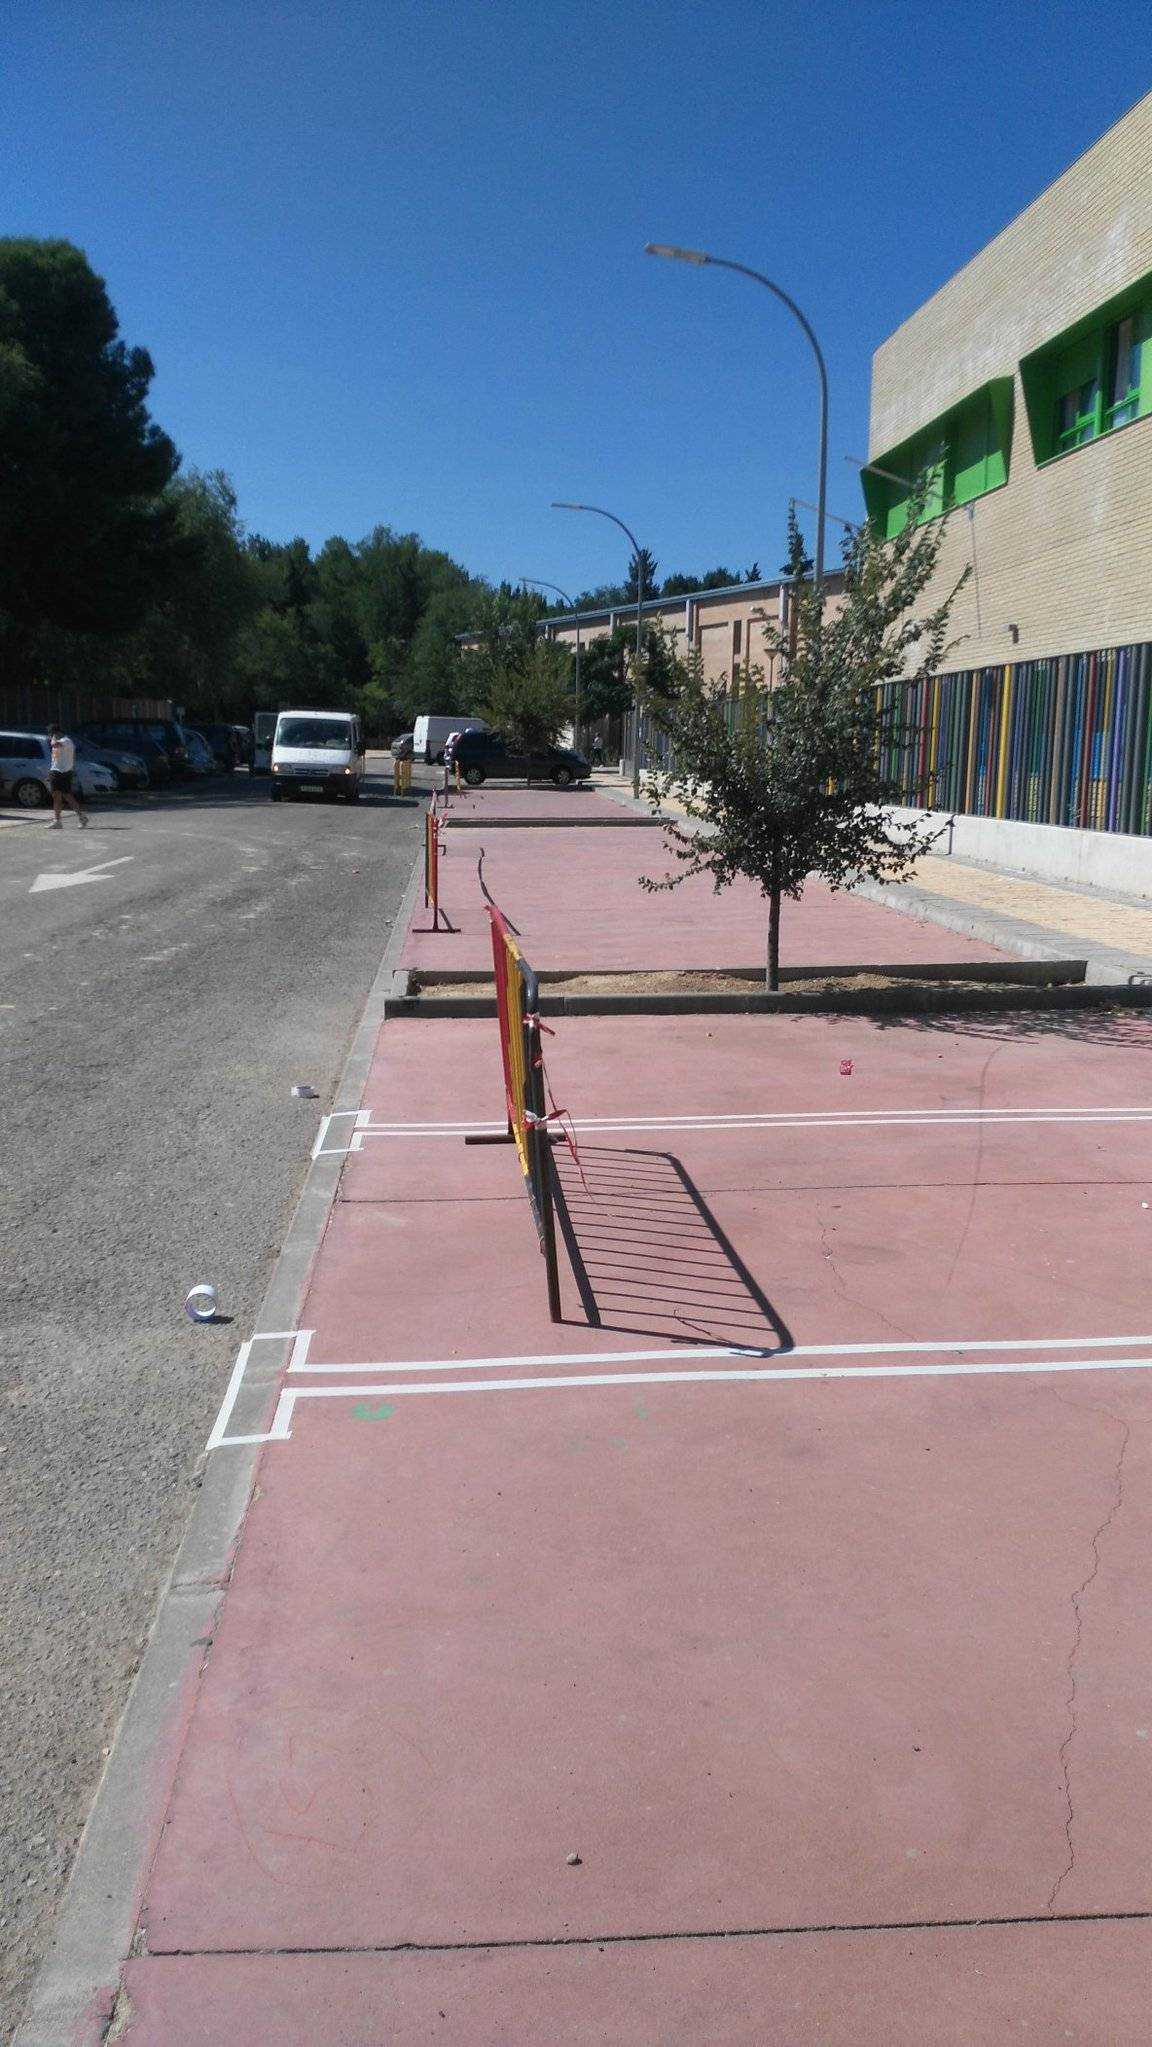 Pintando líneas de parking en Herencia